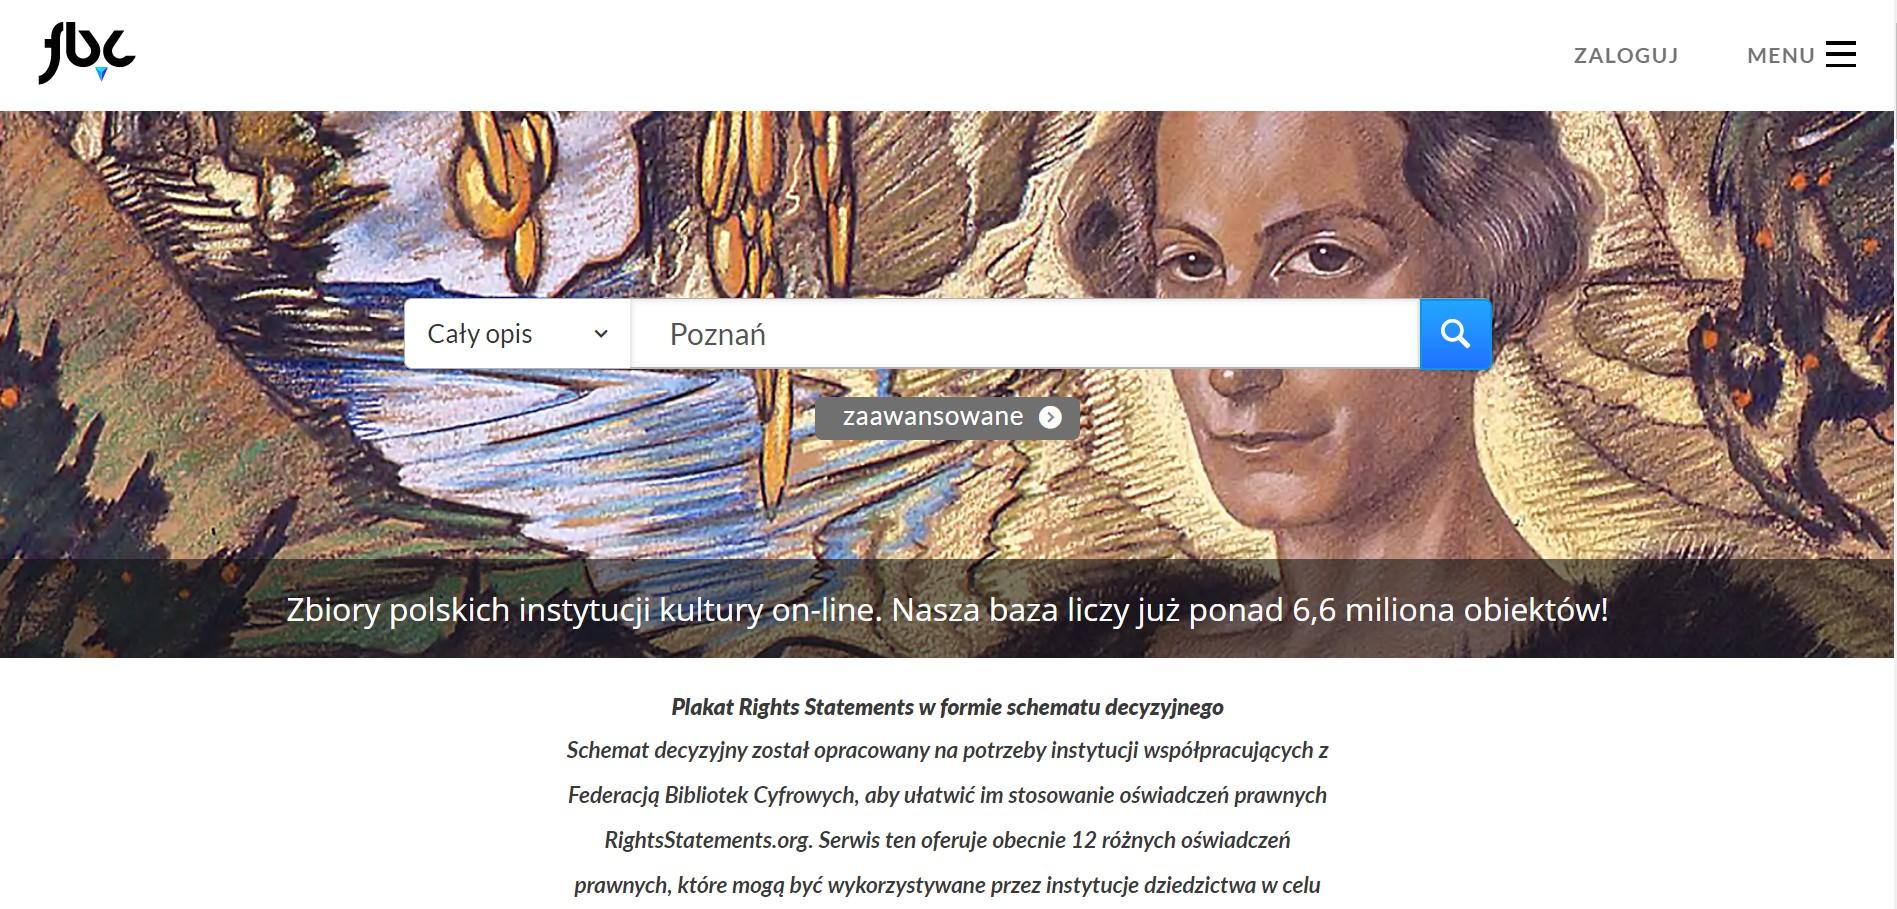 pasek wyszukiwania serwisu Federacja Bibliotek Cyfrowych umieszczony na tle archiwalnego obrazu, na którym widnieje twarz kobiety